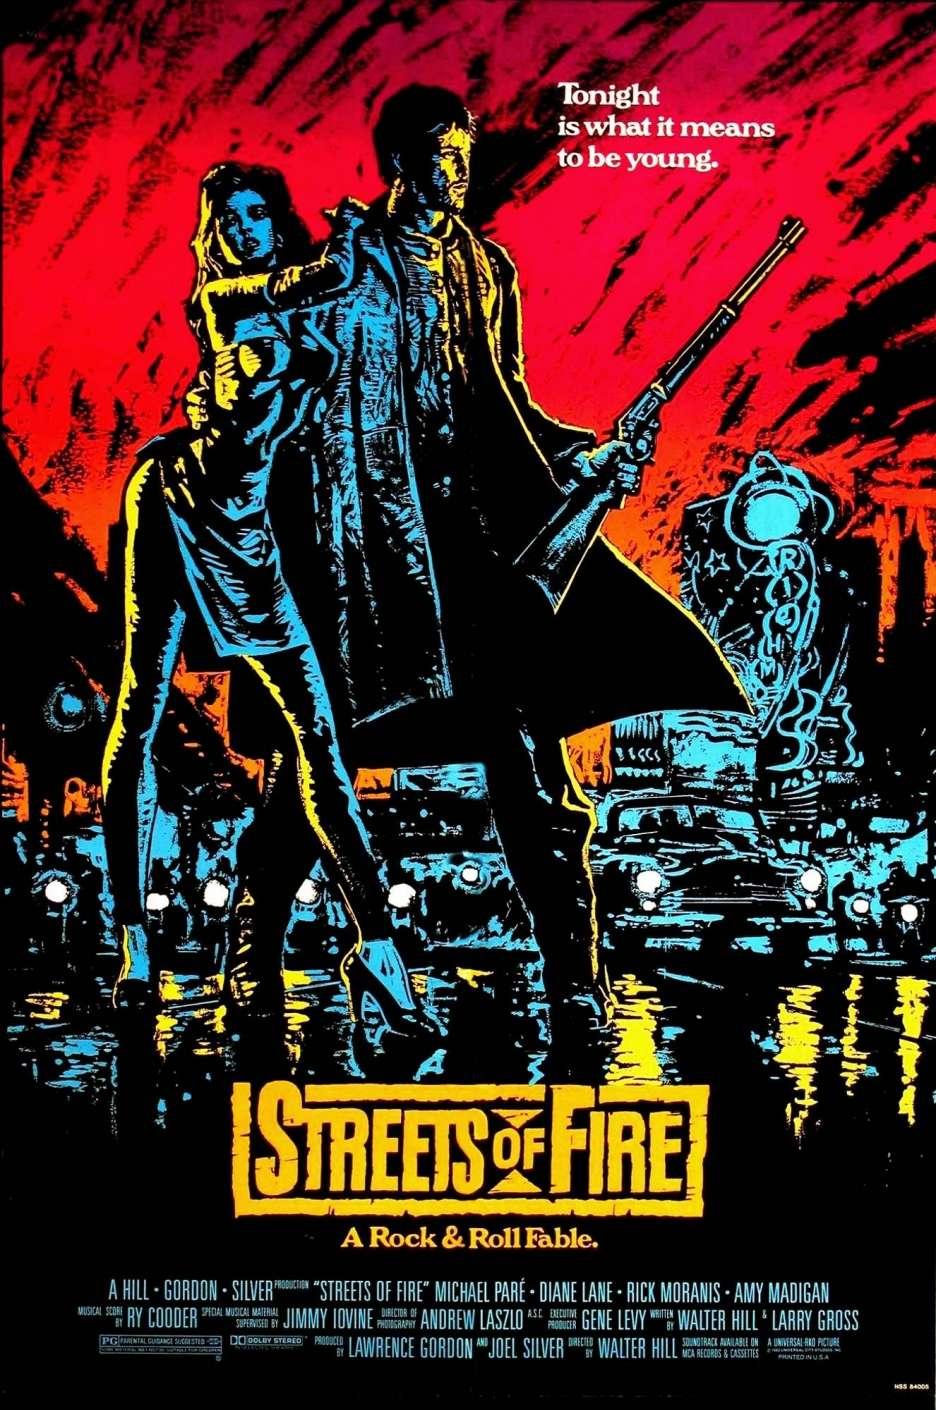 Streets of Fire kapak